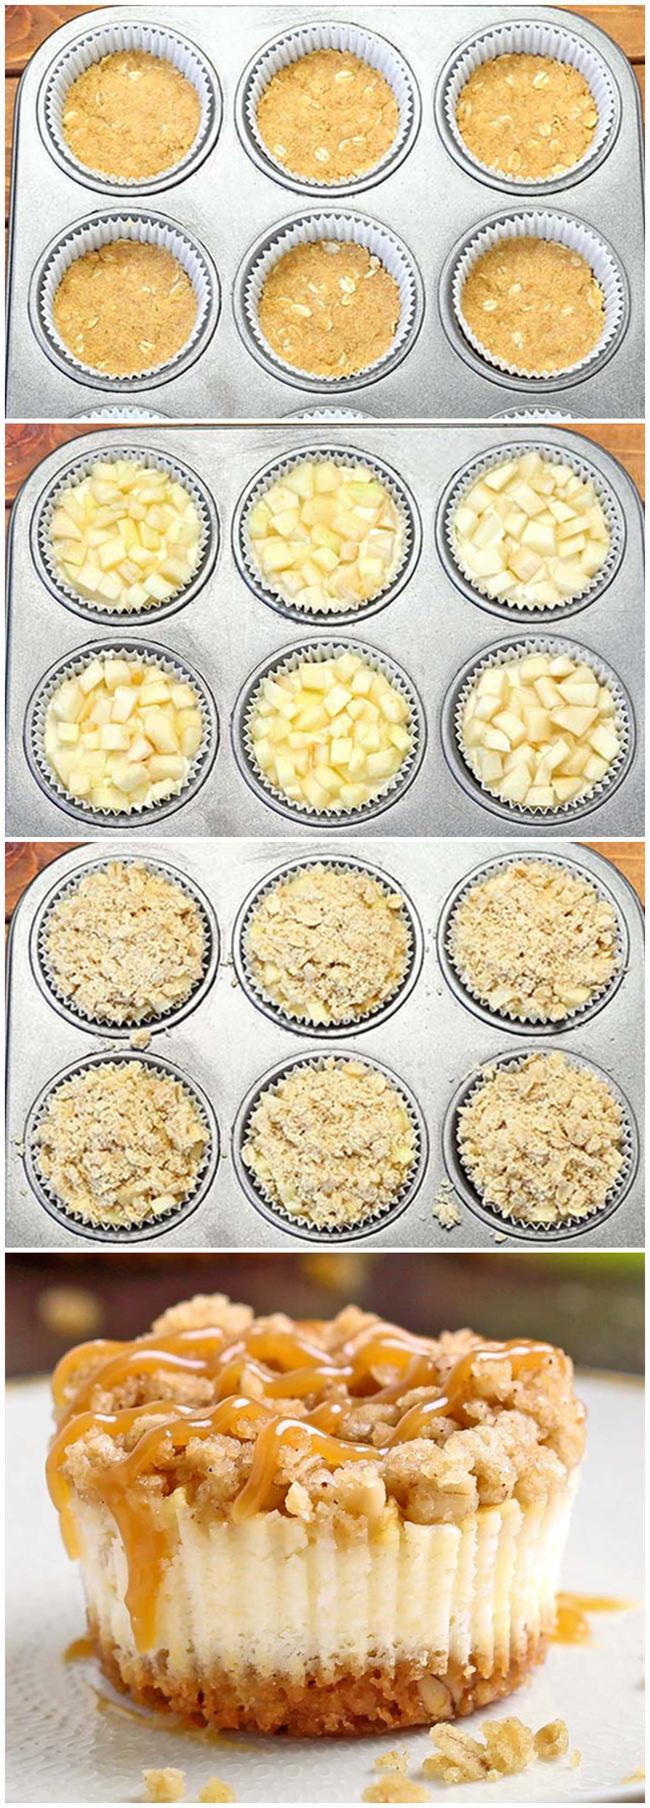 Caramel Apple Crisp Mini Cheesecakes | Fullwoo